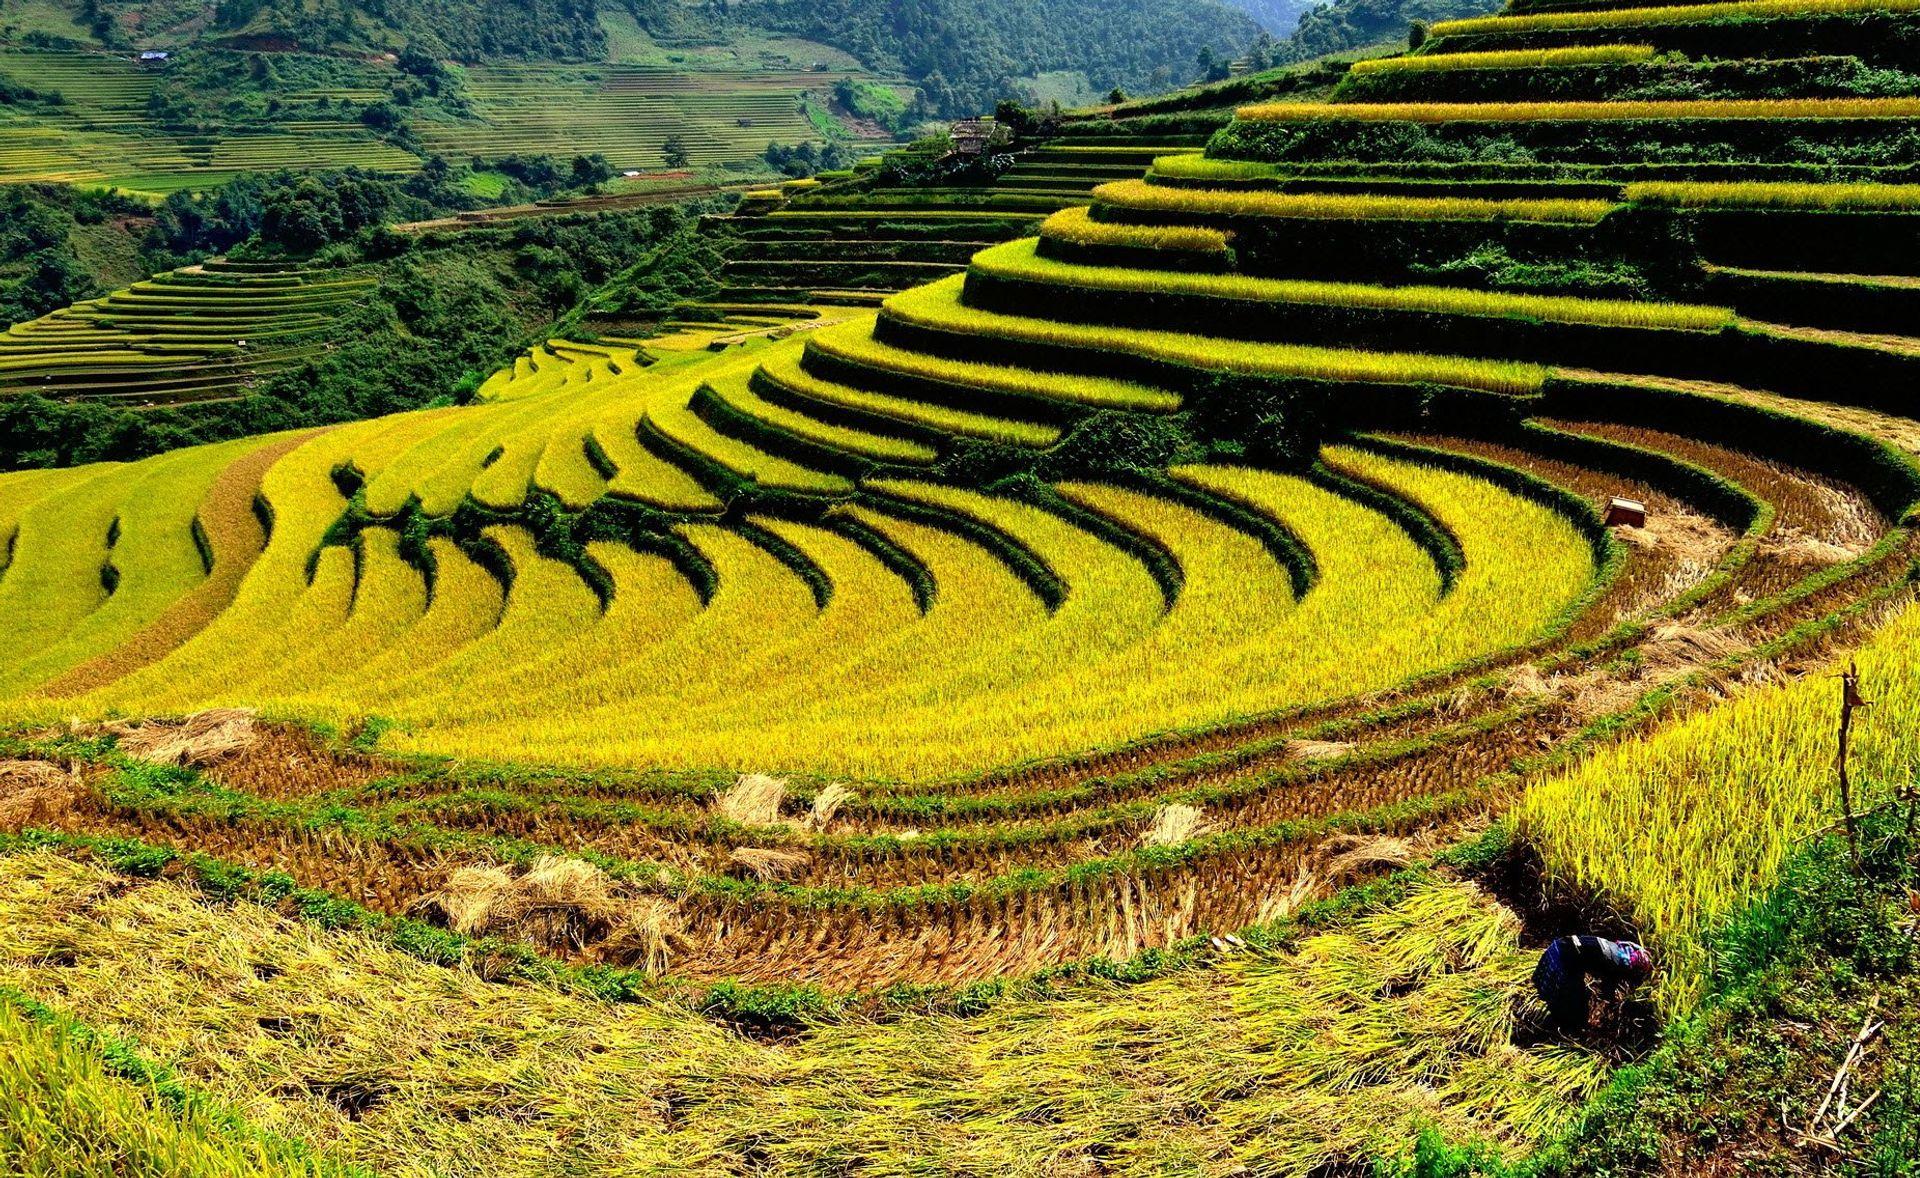 Lào Cai mang vẻ đẹp hoang sơ miền sơn cước